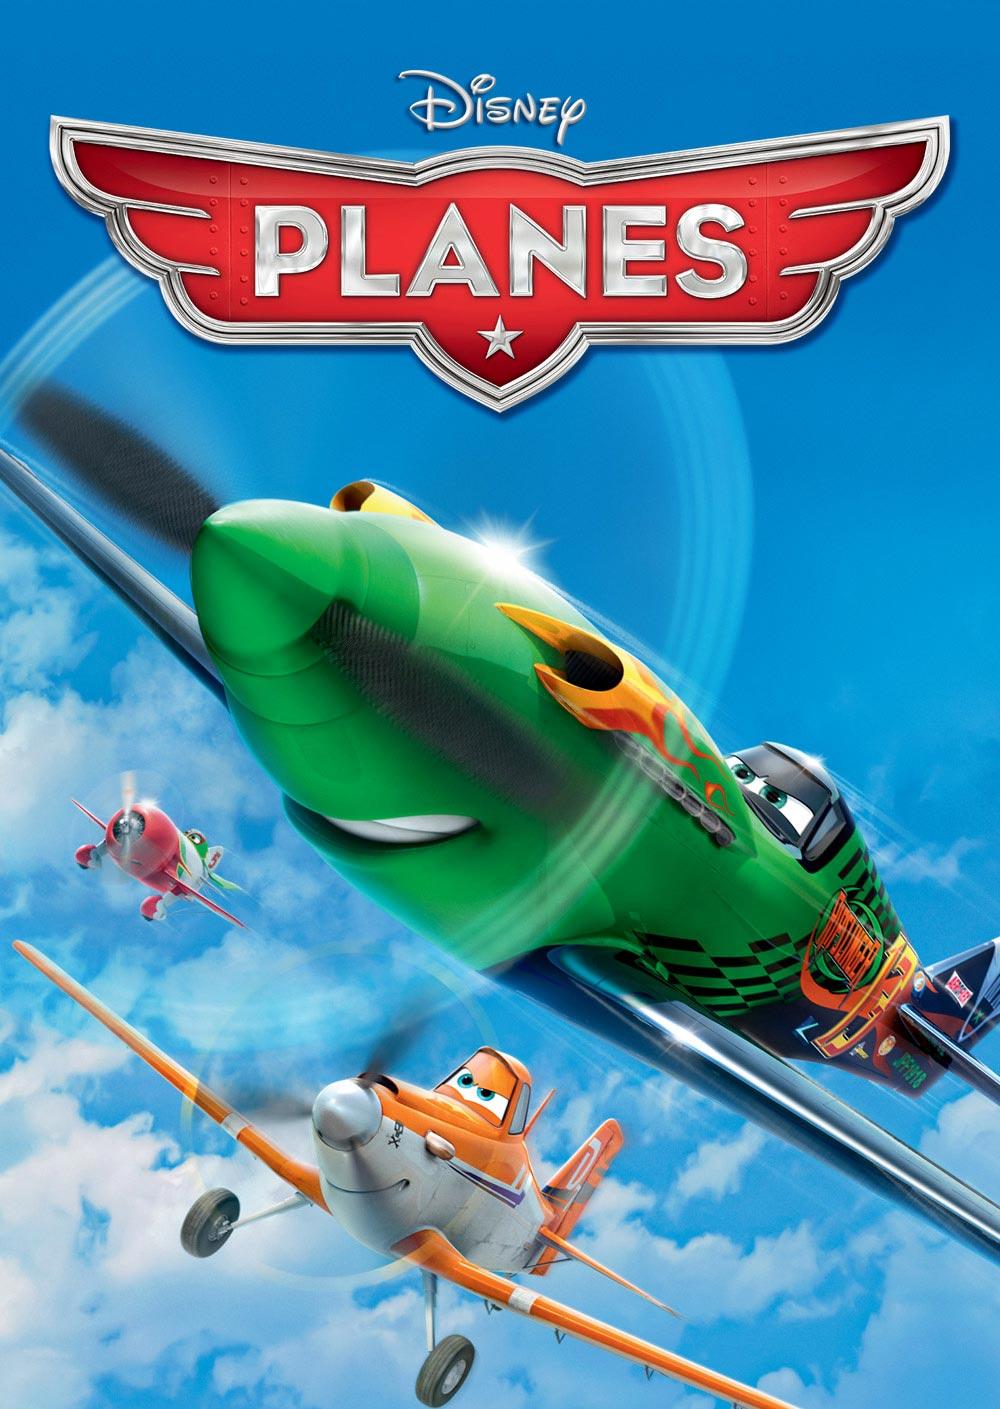 Planes (2013) සිංහල උපසිරසි සමග